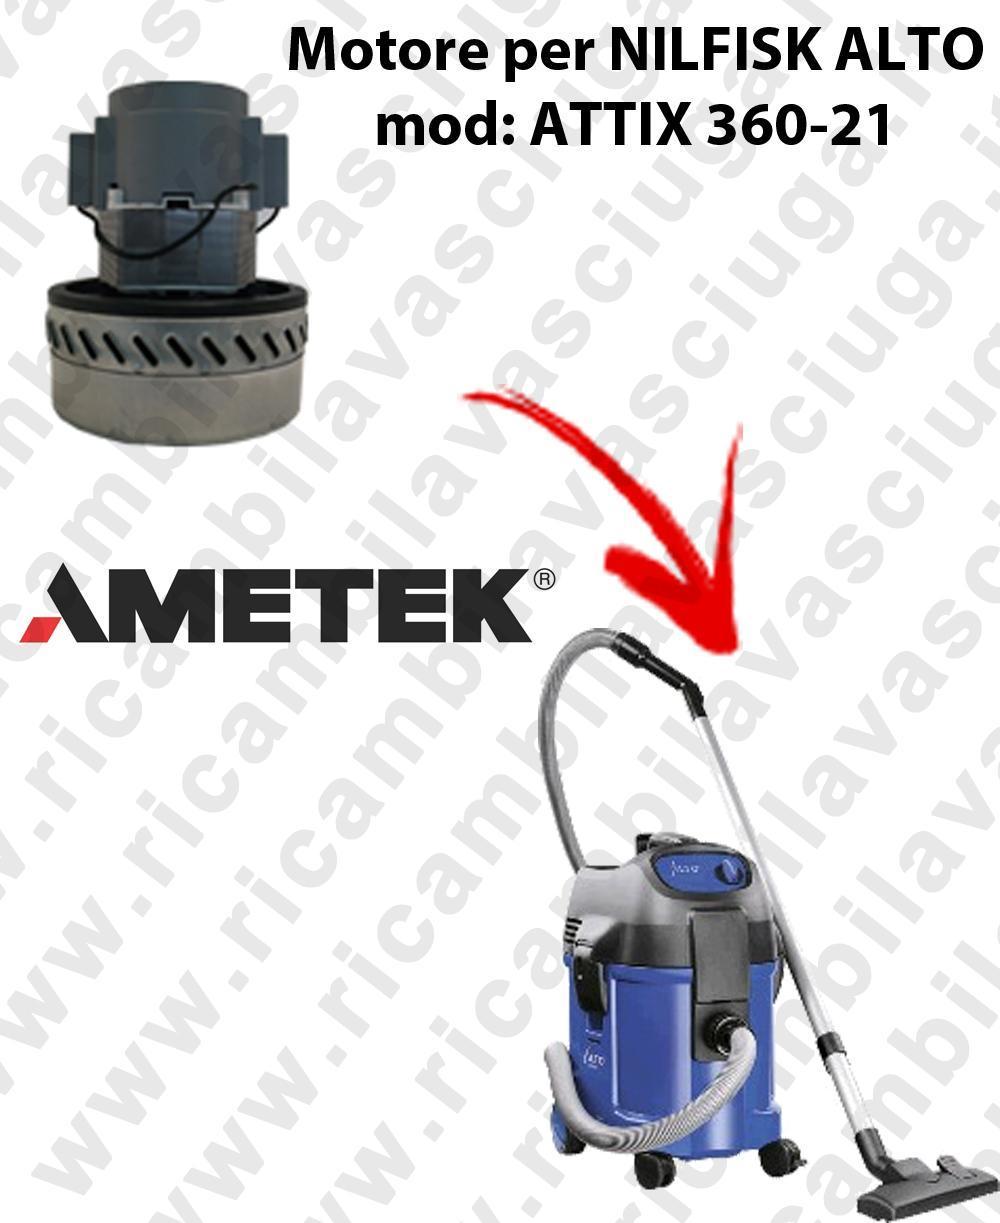 ATTIX 360-21 Motore de aspiración AMETEK  para aspiradora NILFISK ALTO